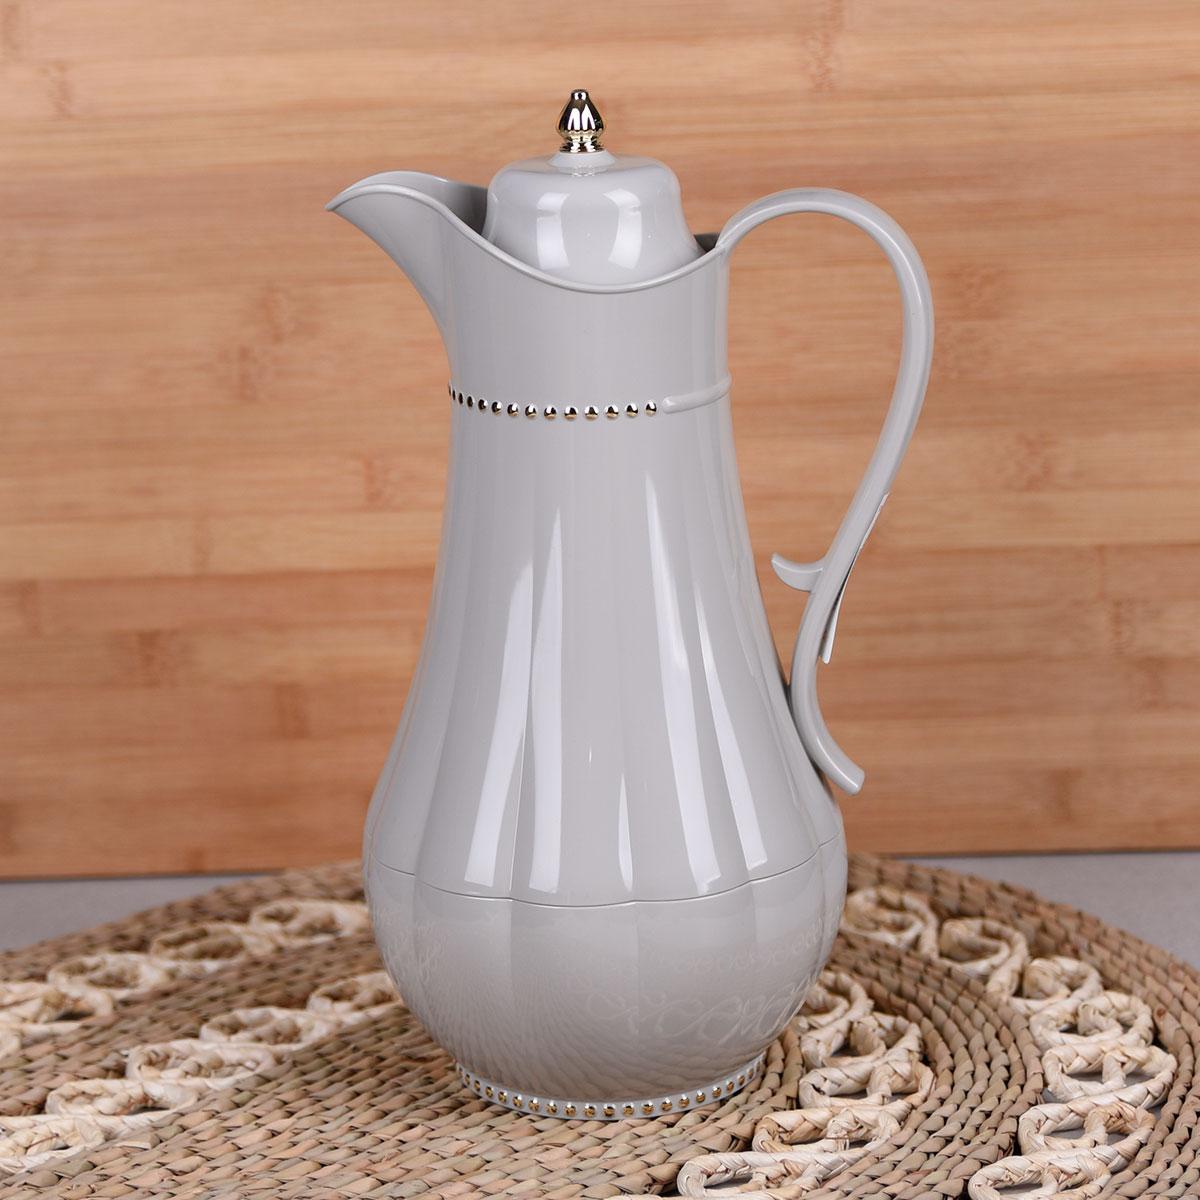 ترمس شاي وقهوة , فلورا , مقاس 1.0لتر , لون رمادي فاتح